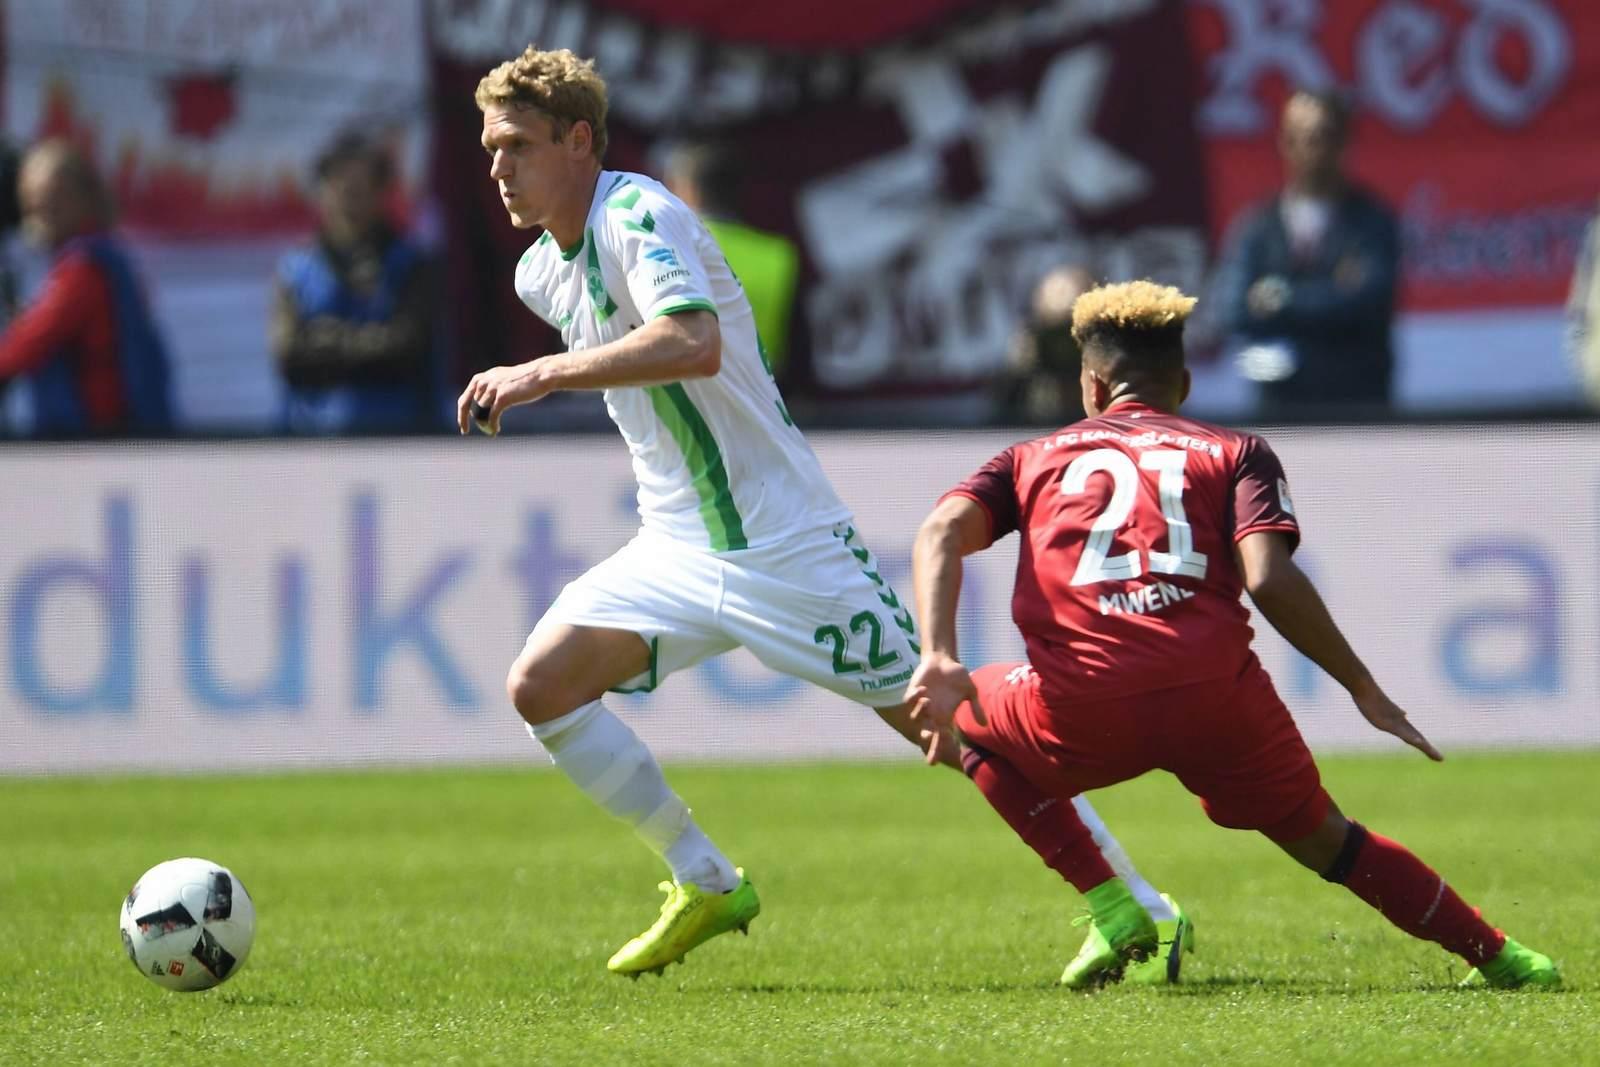 Johannes van den Bergh im Trikot von Greuther Fürth. Jetzt ist der van den Bergh Wechsel nach Kiel perfekt.